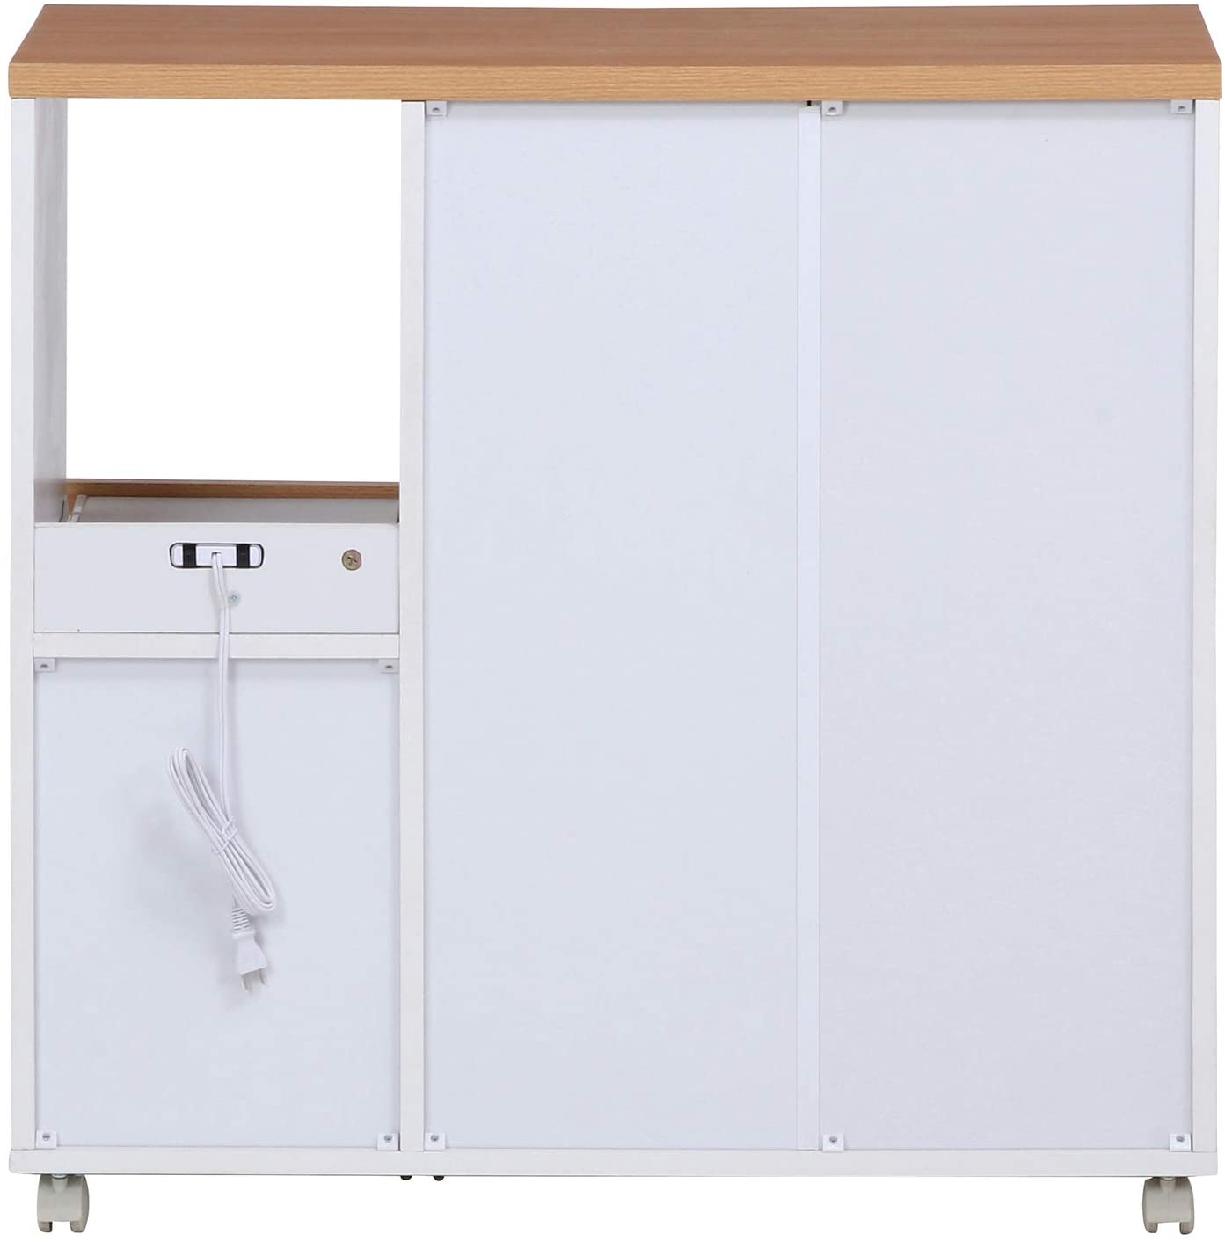 Sage(サージュ)キッチンカウンター 96819 幅90cmの商品画像5